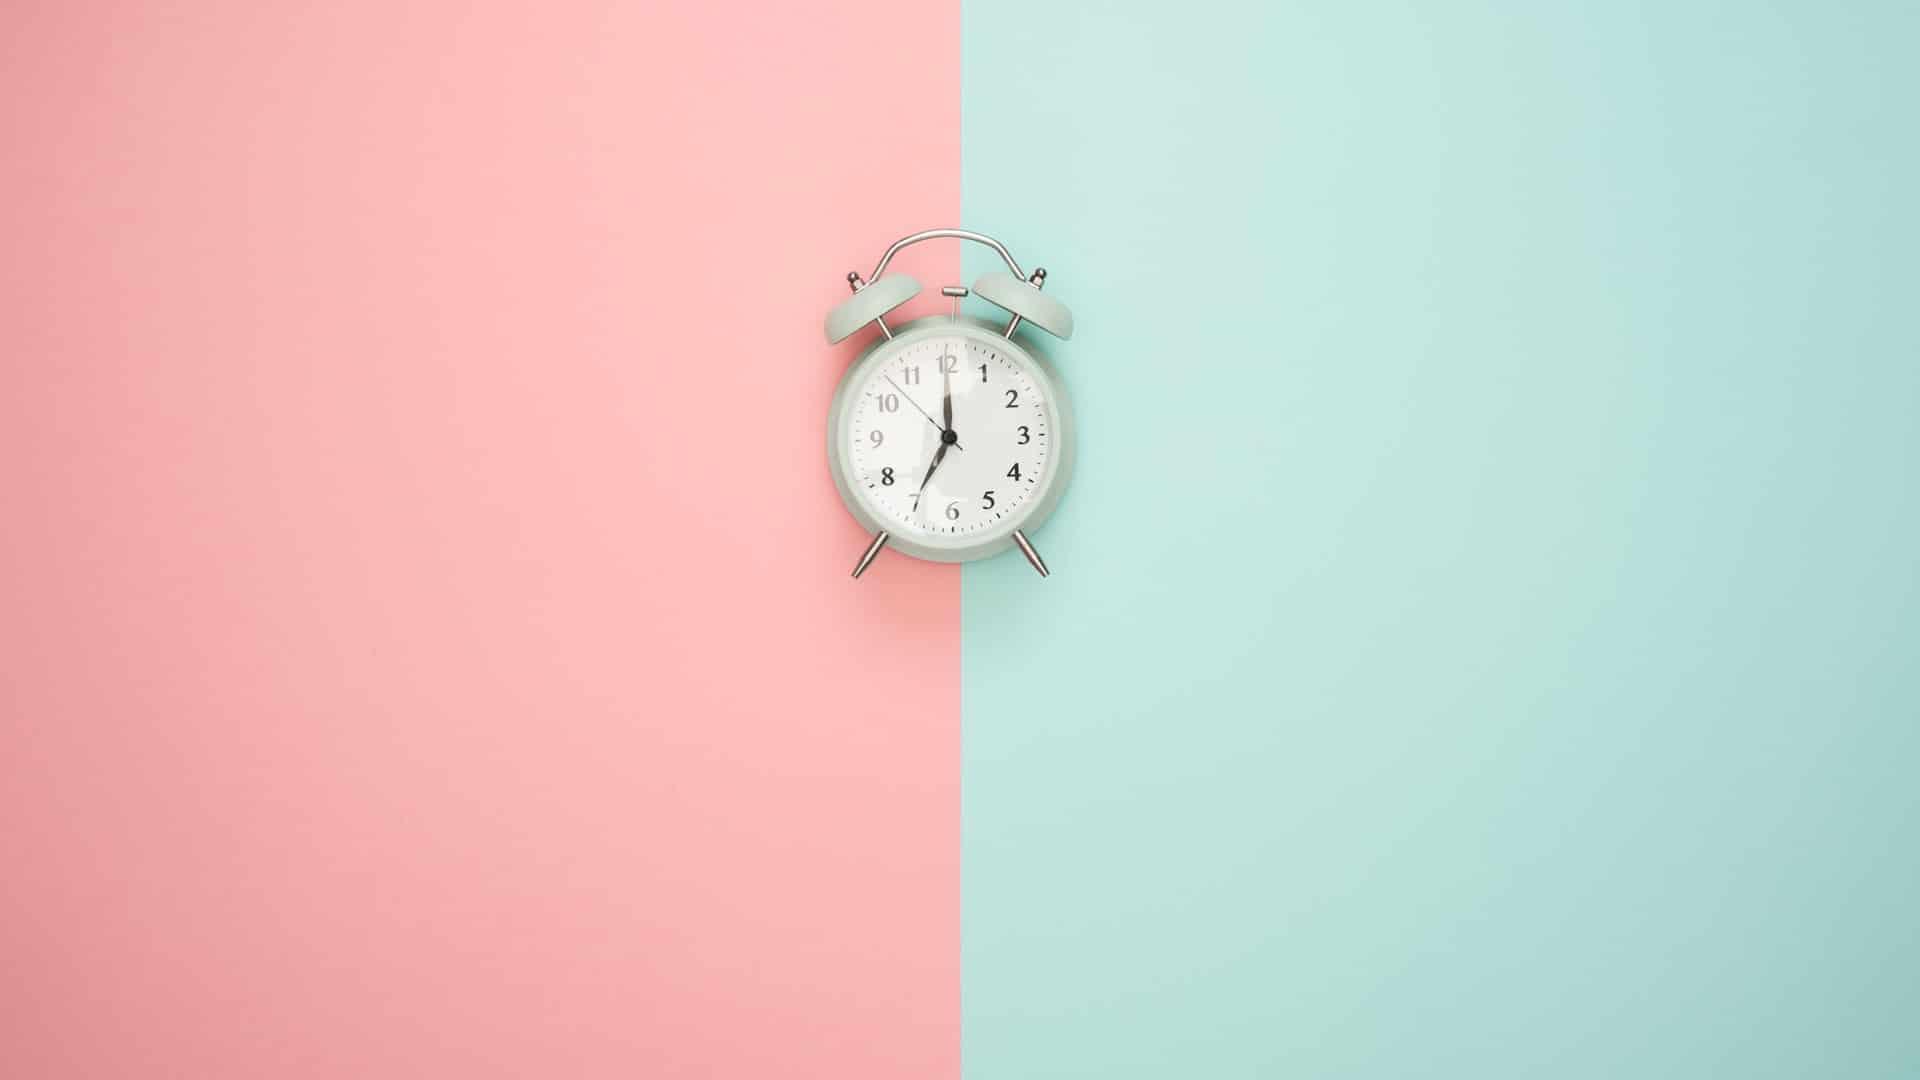 een klok in het midden van twee verschillende kleuren op de achtergrond